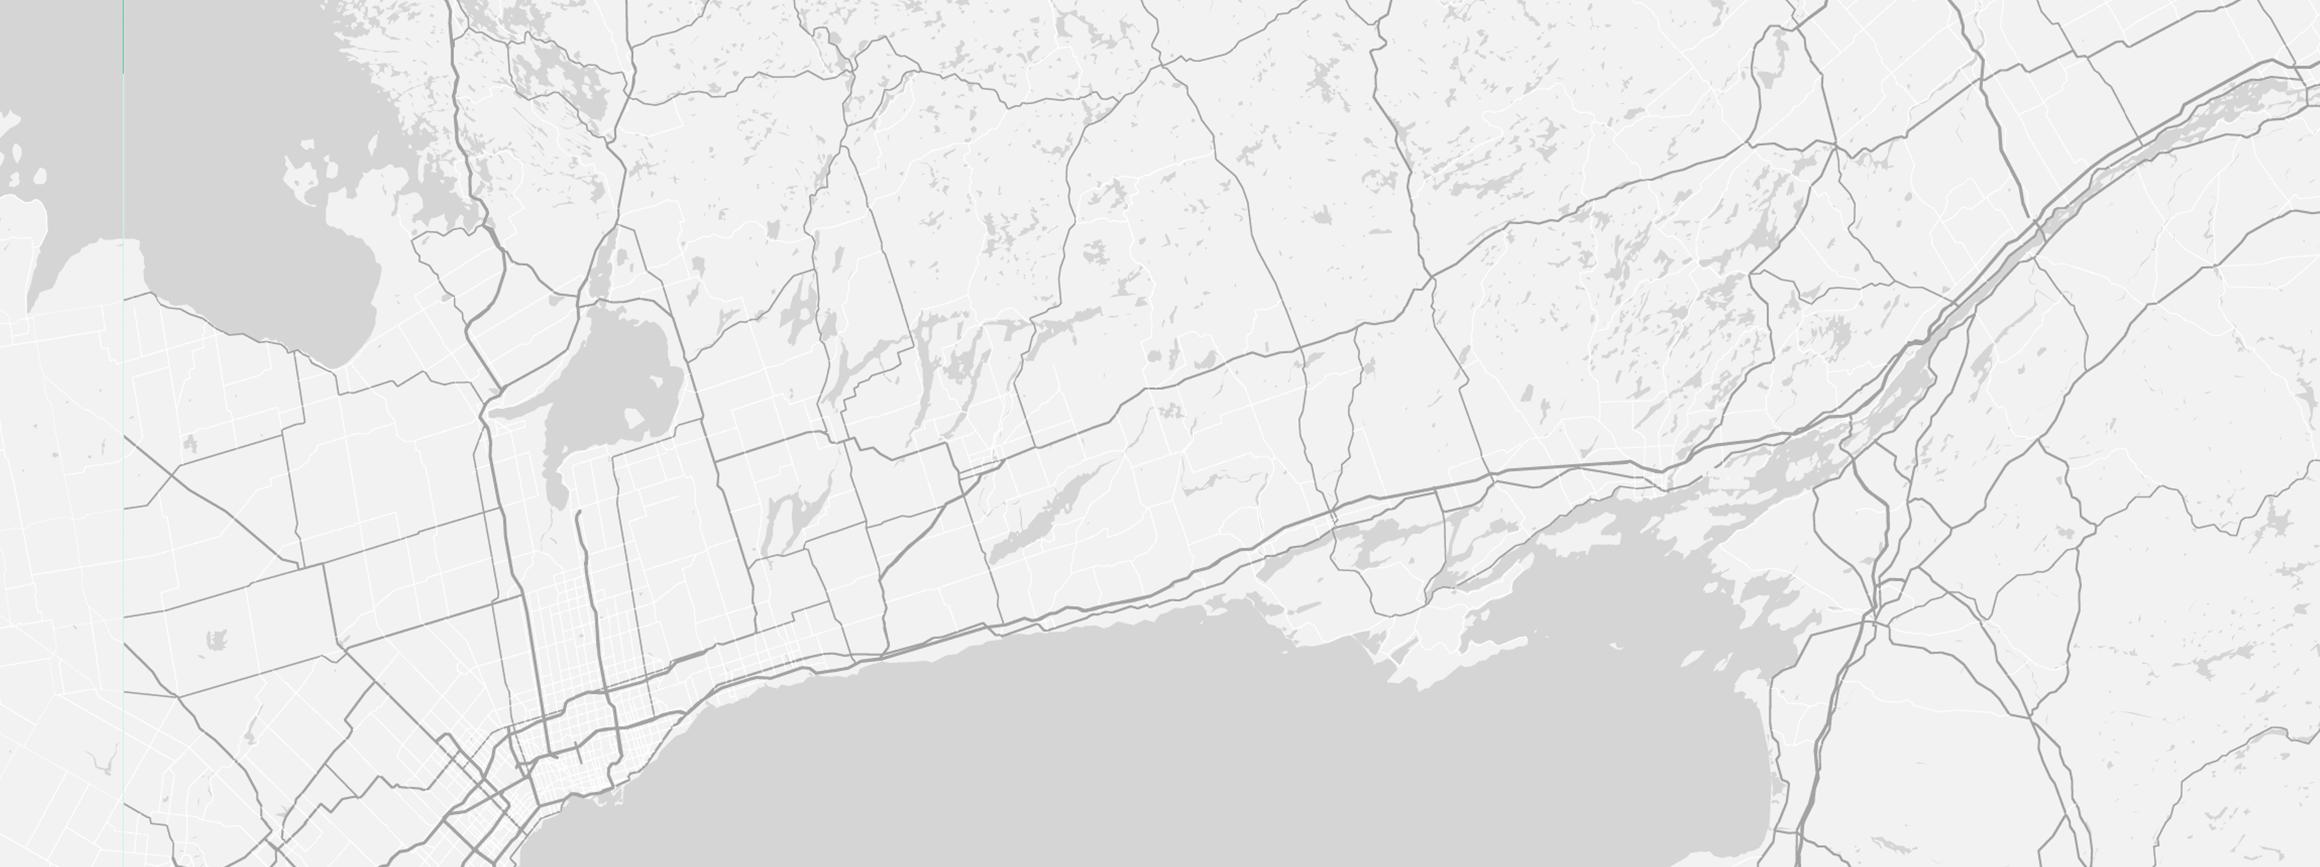 Liuna Map